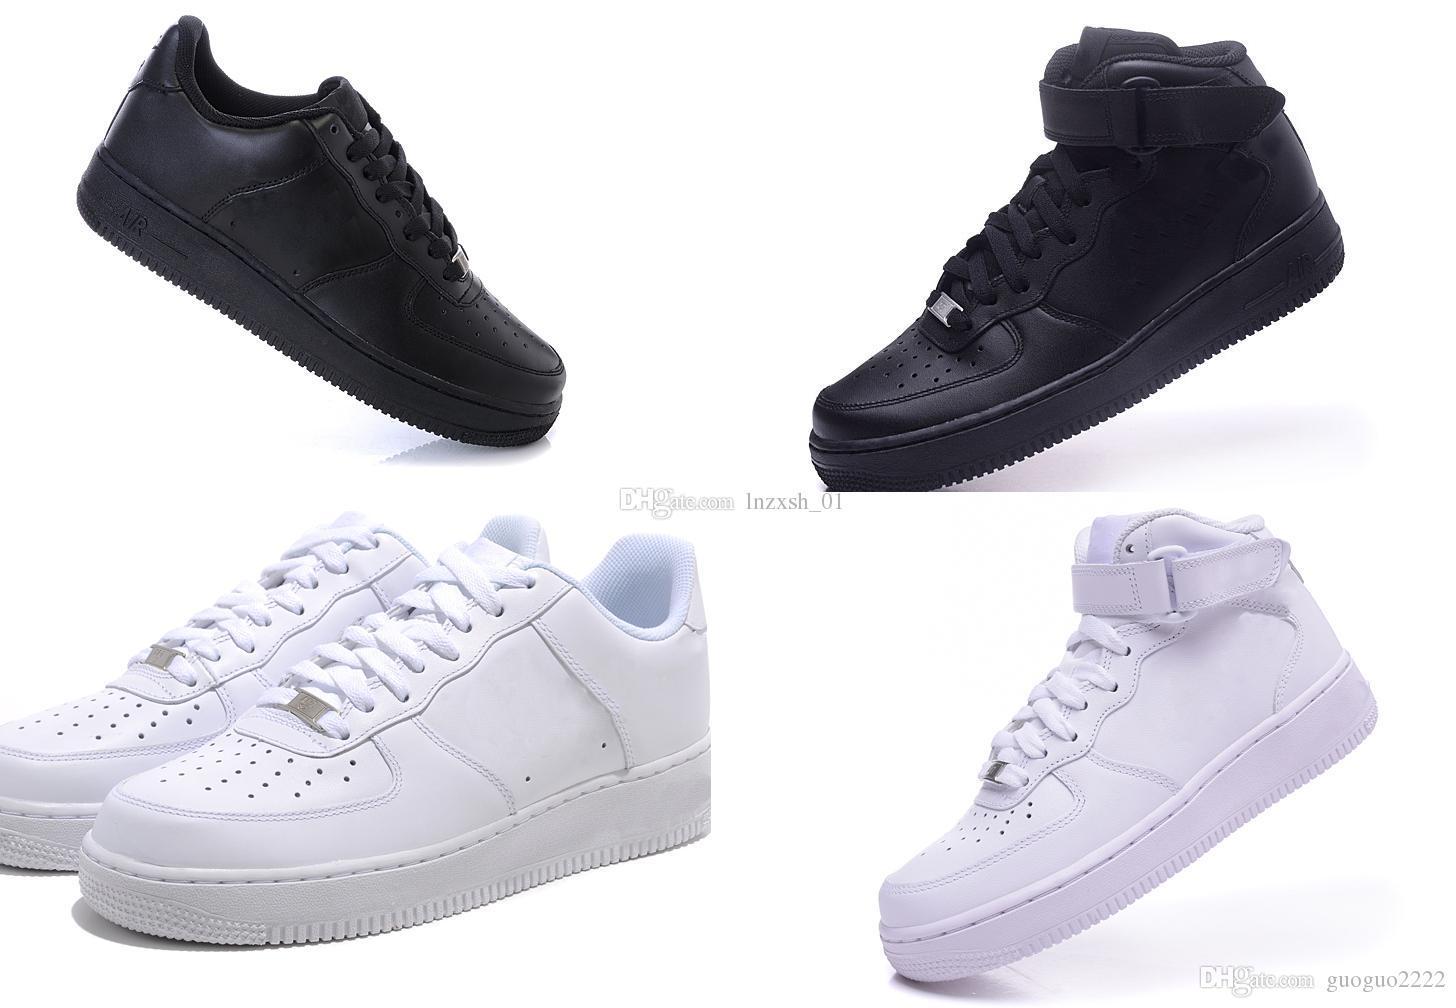 YENI GELMESI Beyaz Siyah F1 bir Erkekler Kadınlar Spor rahat Ayakkabılar Unisex Airs Masaj Yüksek Düşük Düz kaykay ayakkabı açık yürüyüş shoe36-46